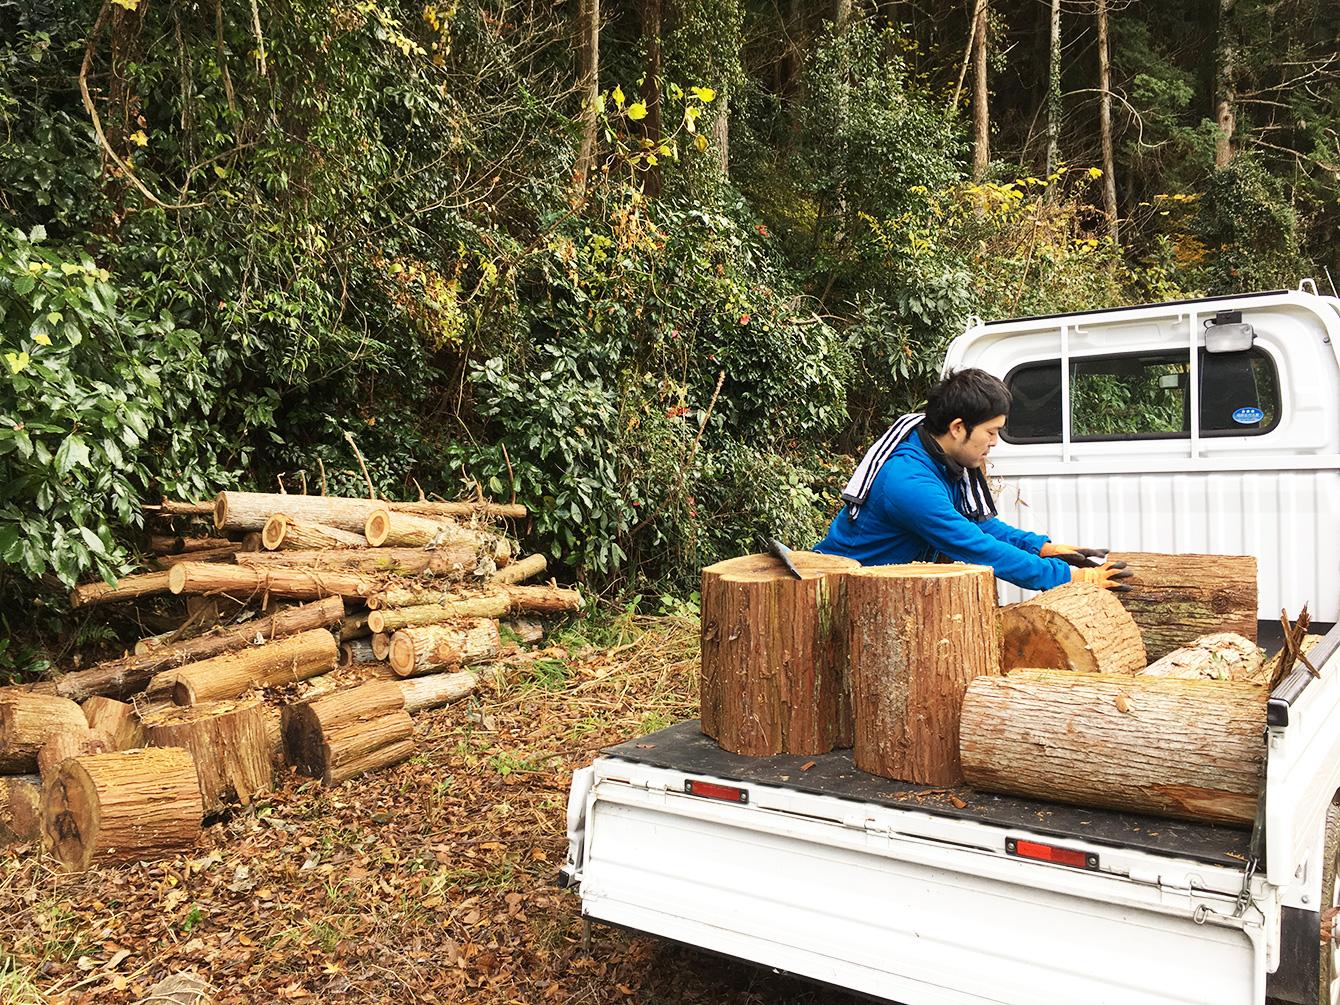 山姥の裏山にて、春先に切っておいた木を軽トラへ積む作業。